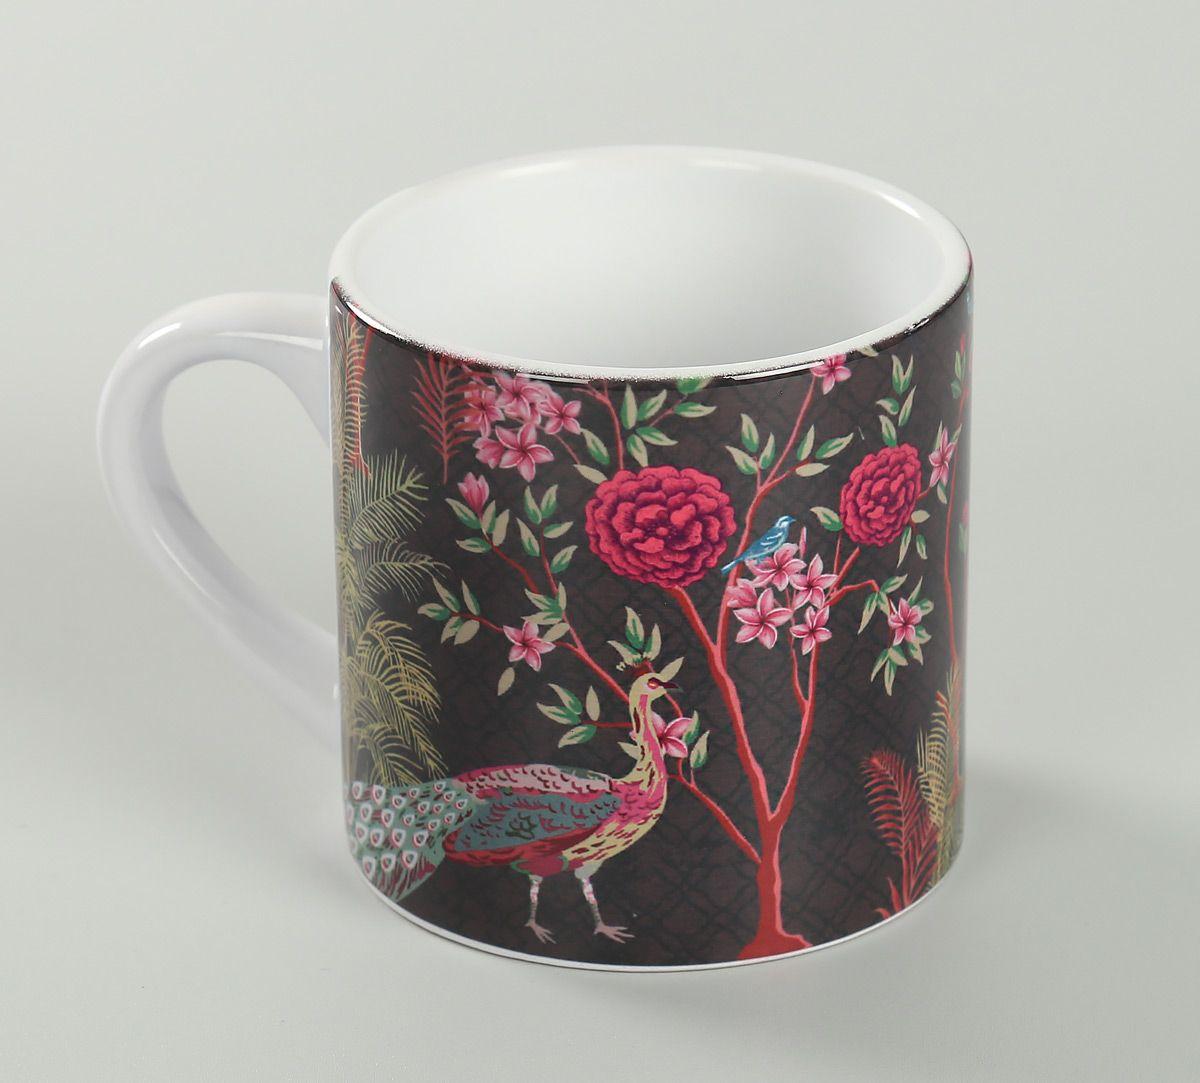 India Circus Peacock Garden Espresso Mug